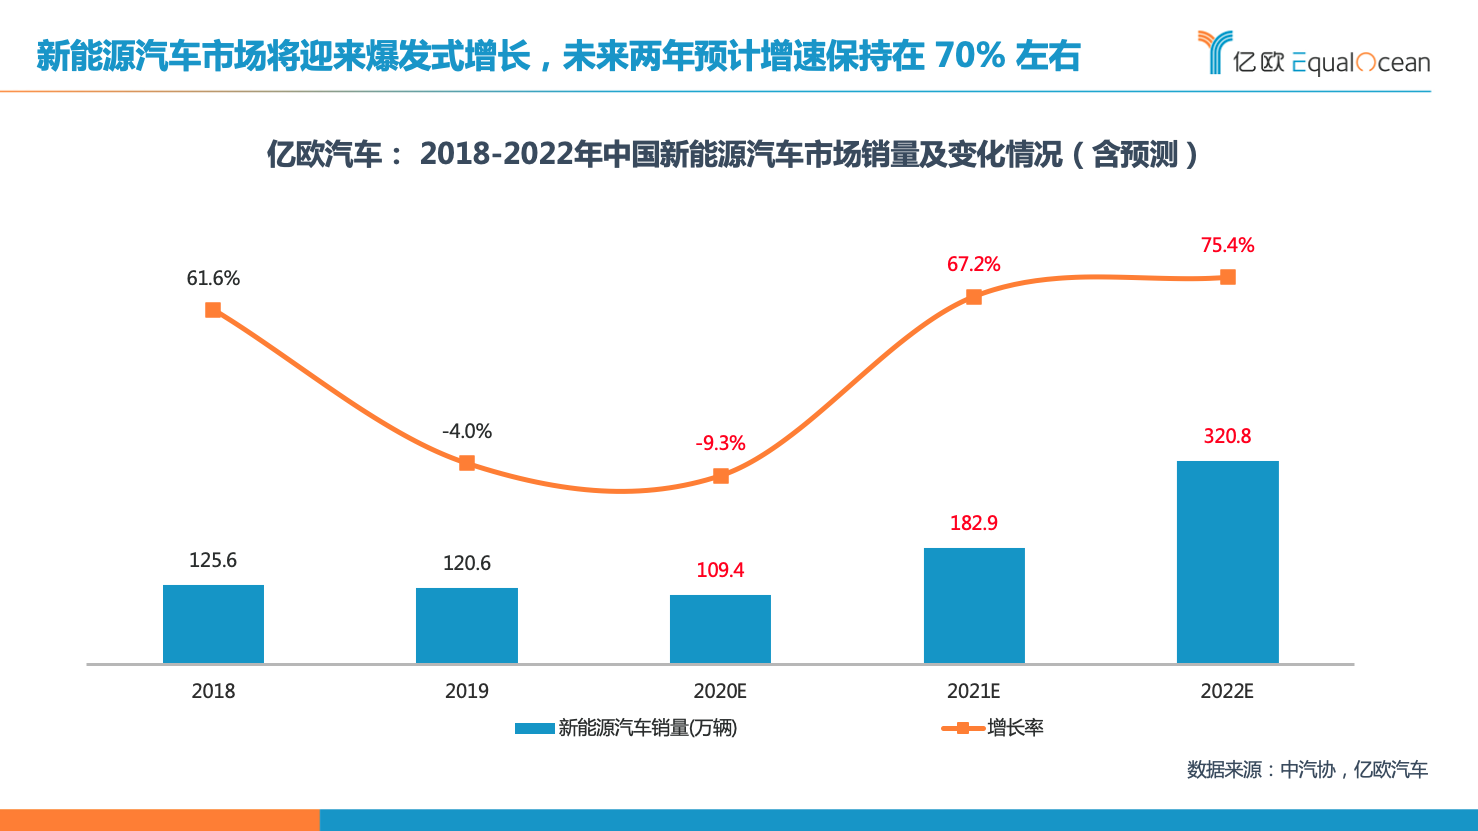 2018-2022年中国新能源汽车市场销量及变化情况.png